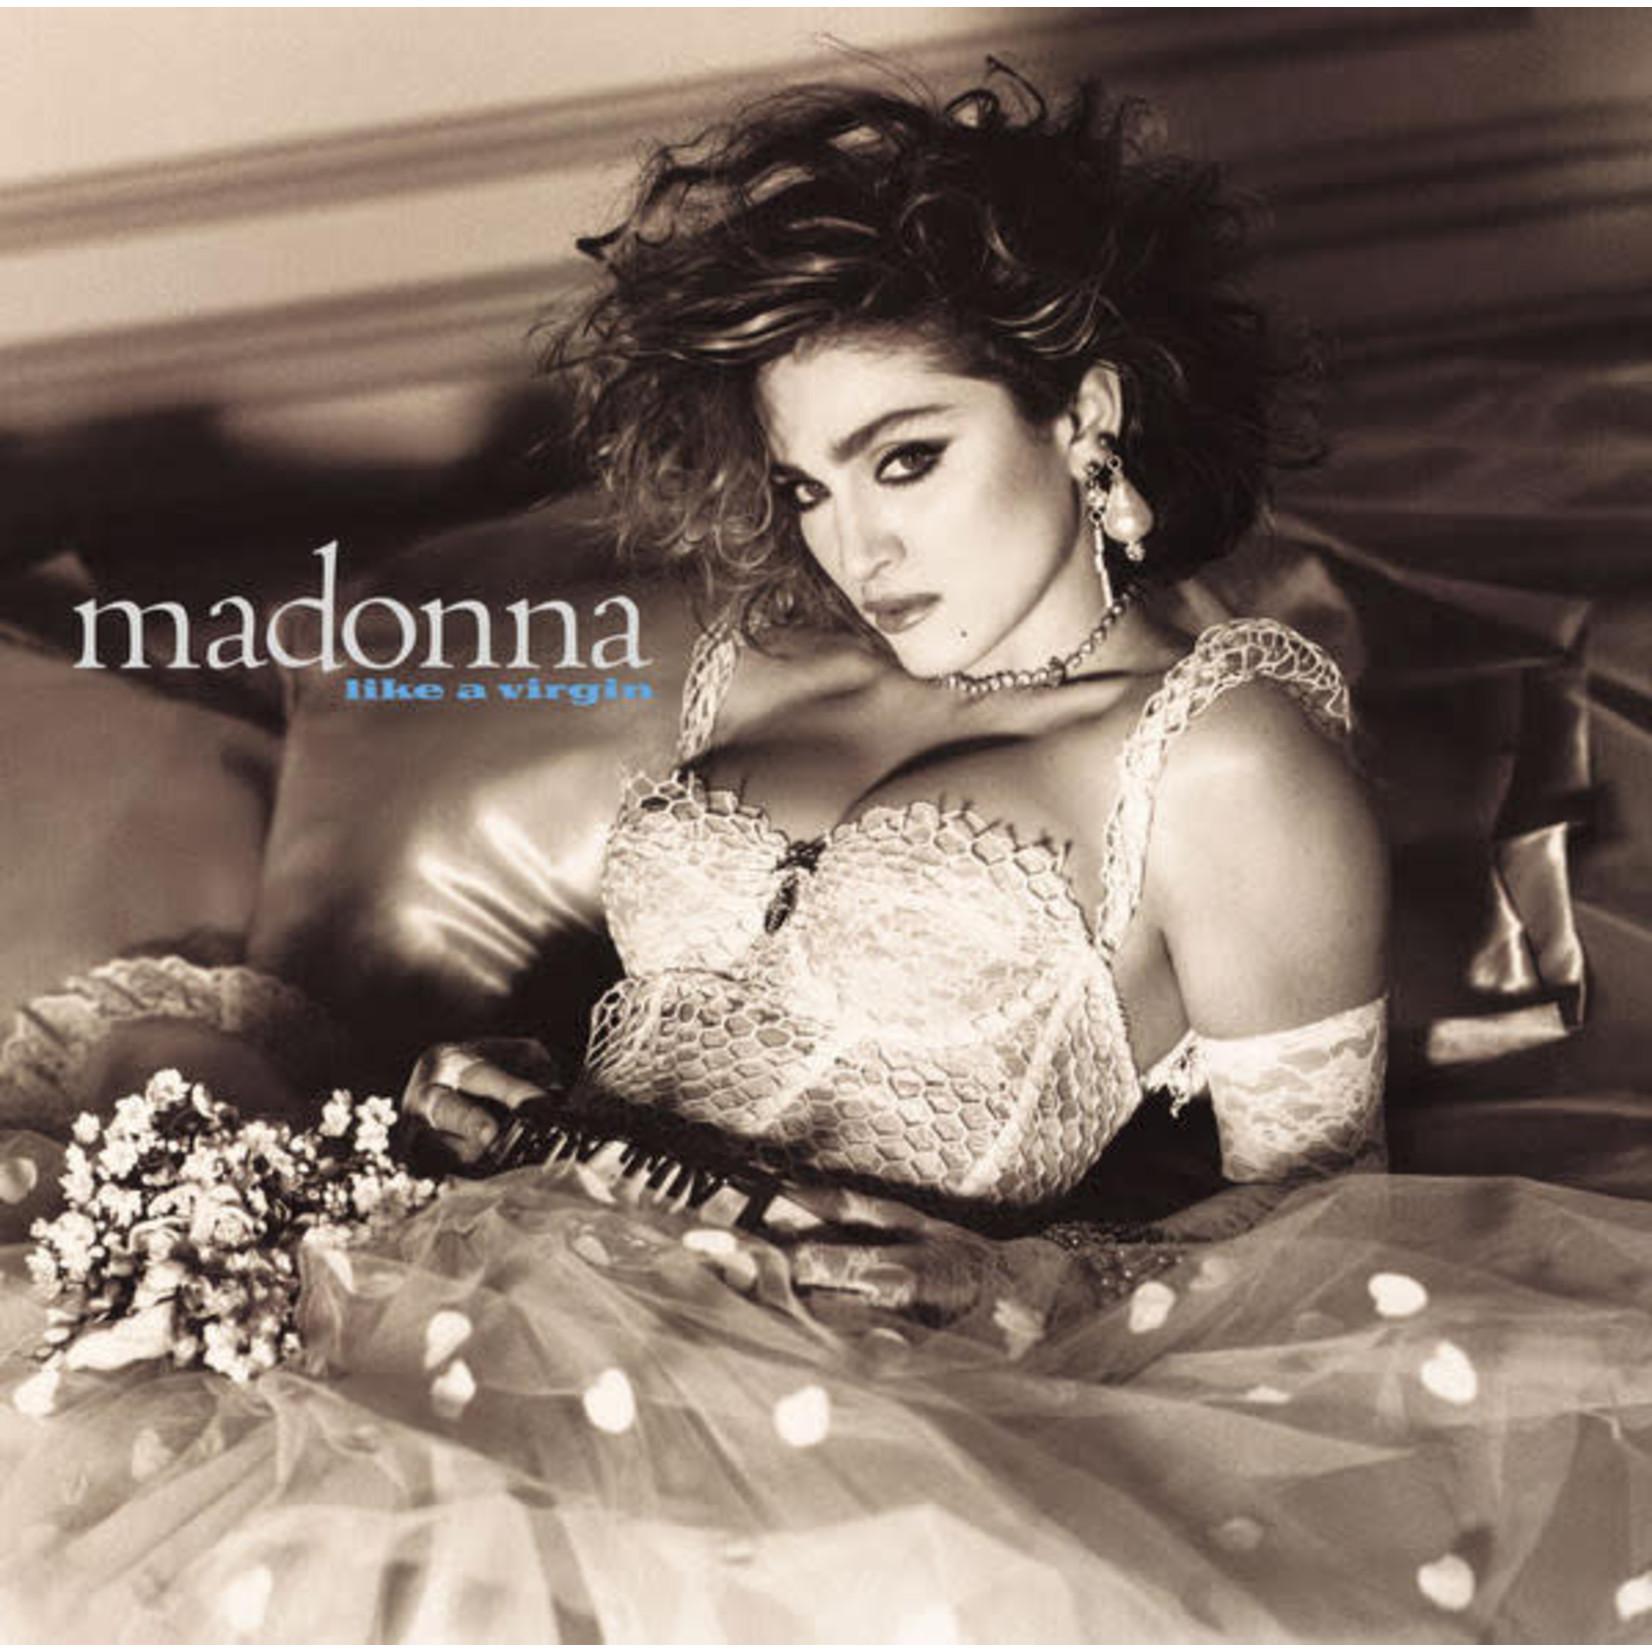 [Vintage] Madonna: Like a Virgin